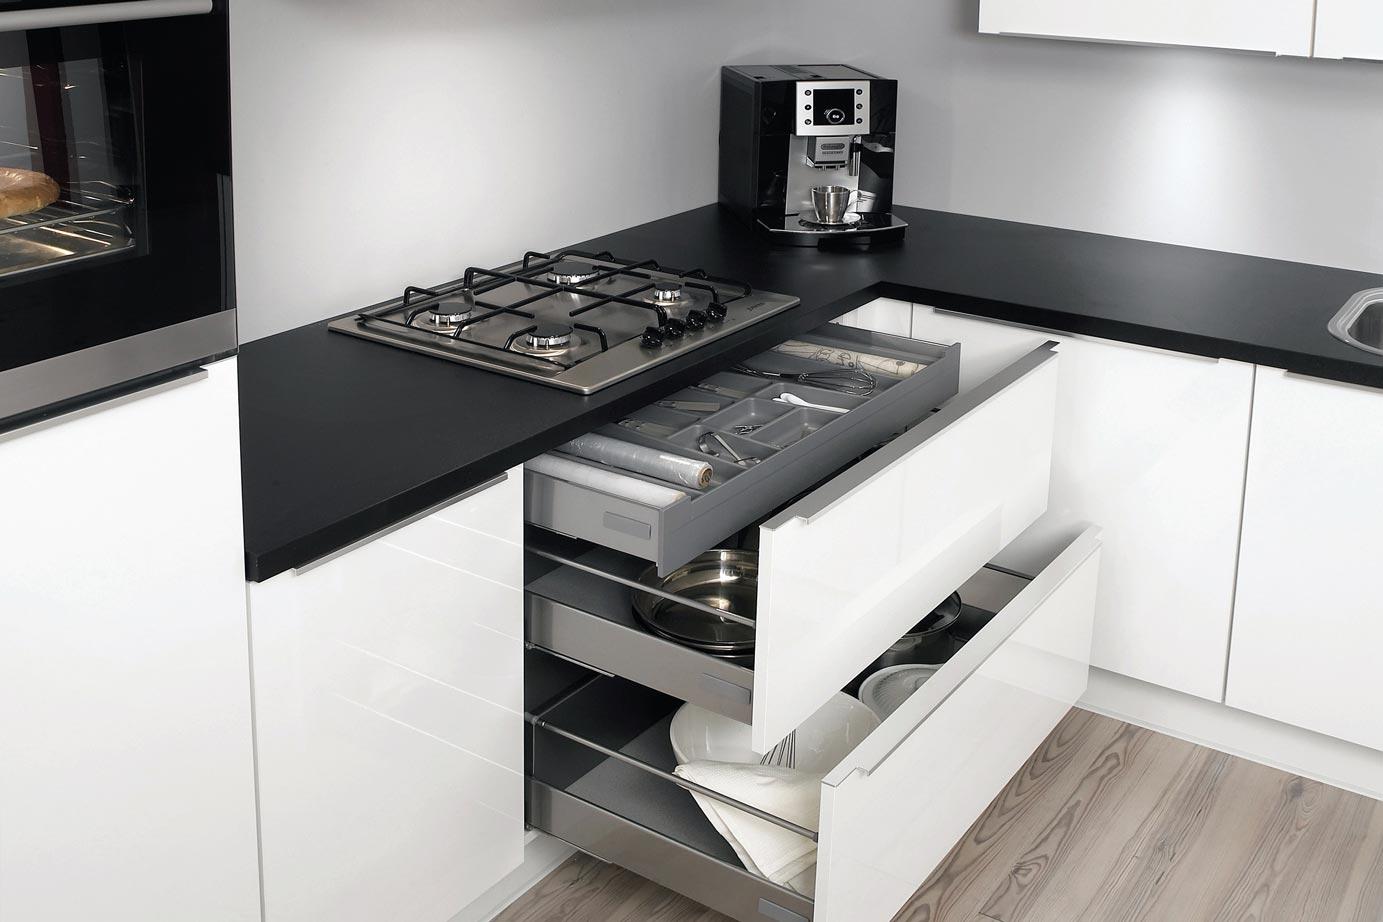 Eigen Keuken Ontwerpen : Design keukens SieMatic en eigen merken Keur